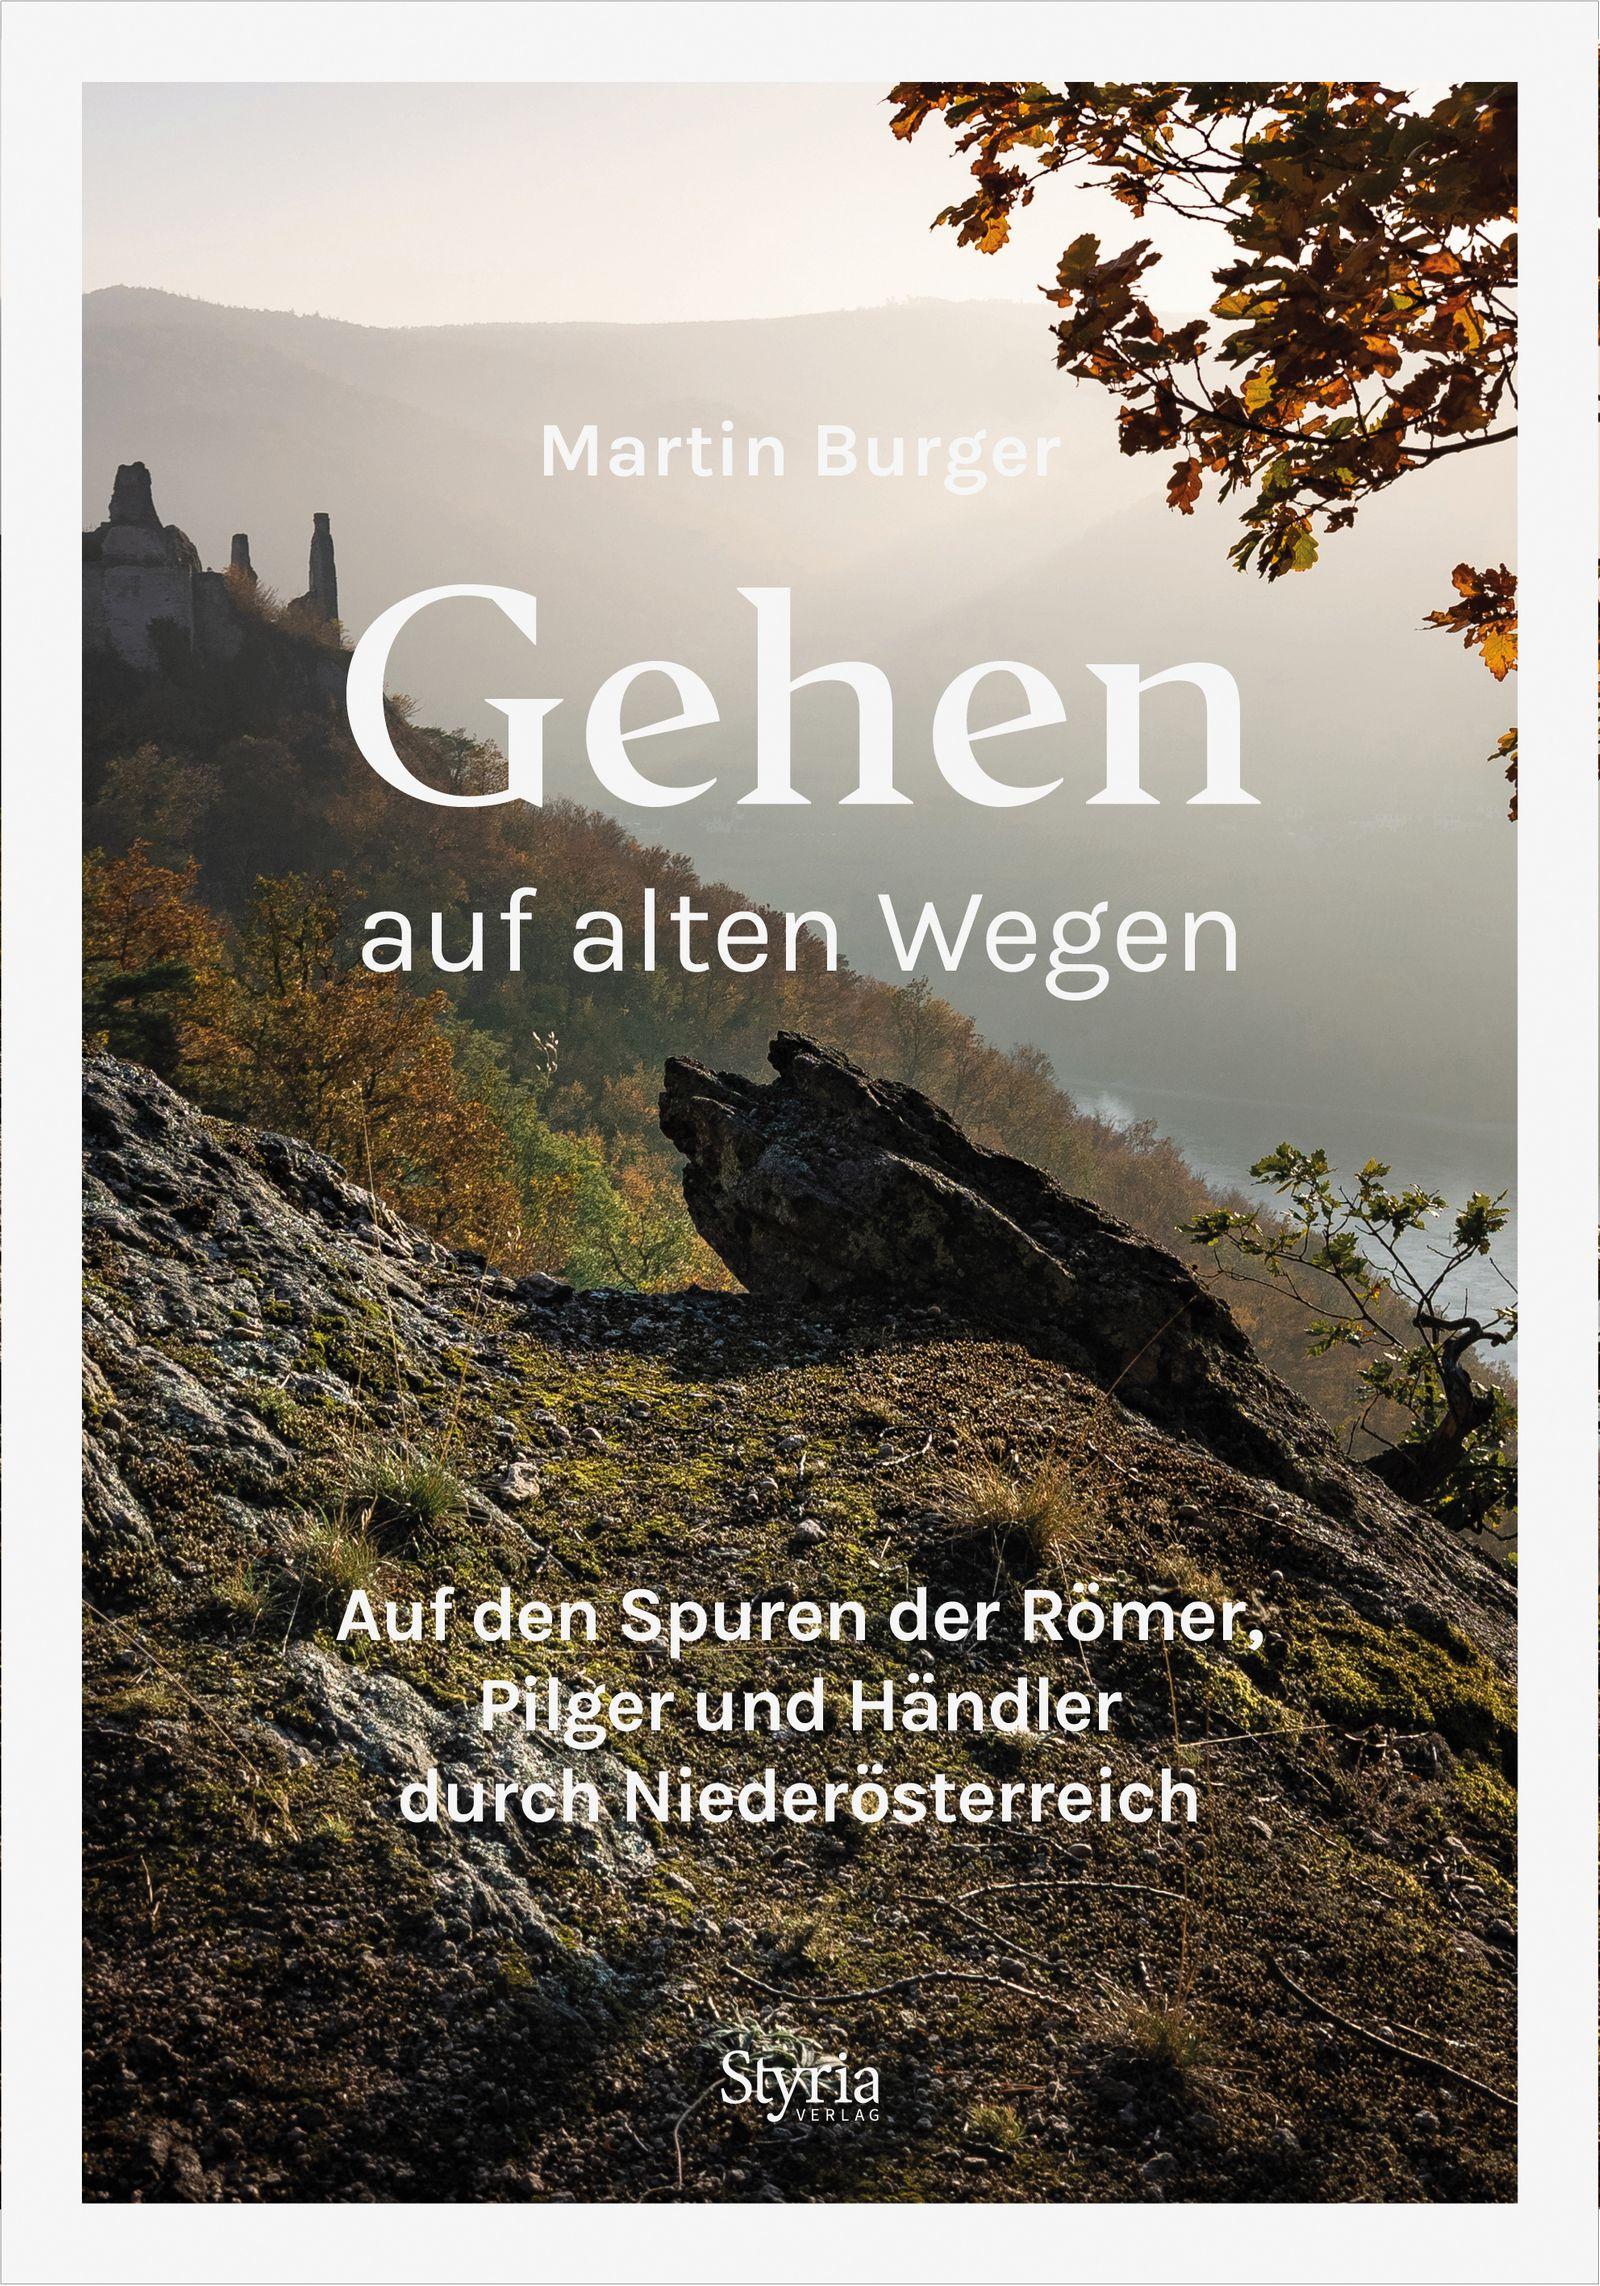 BUCHCOVER Martin Burger / Gehen auf alten Wegen